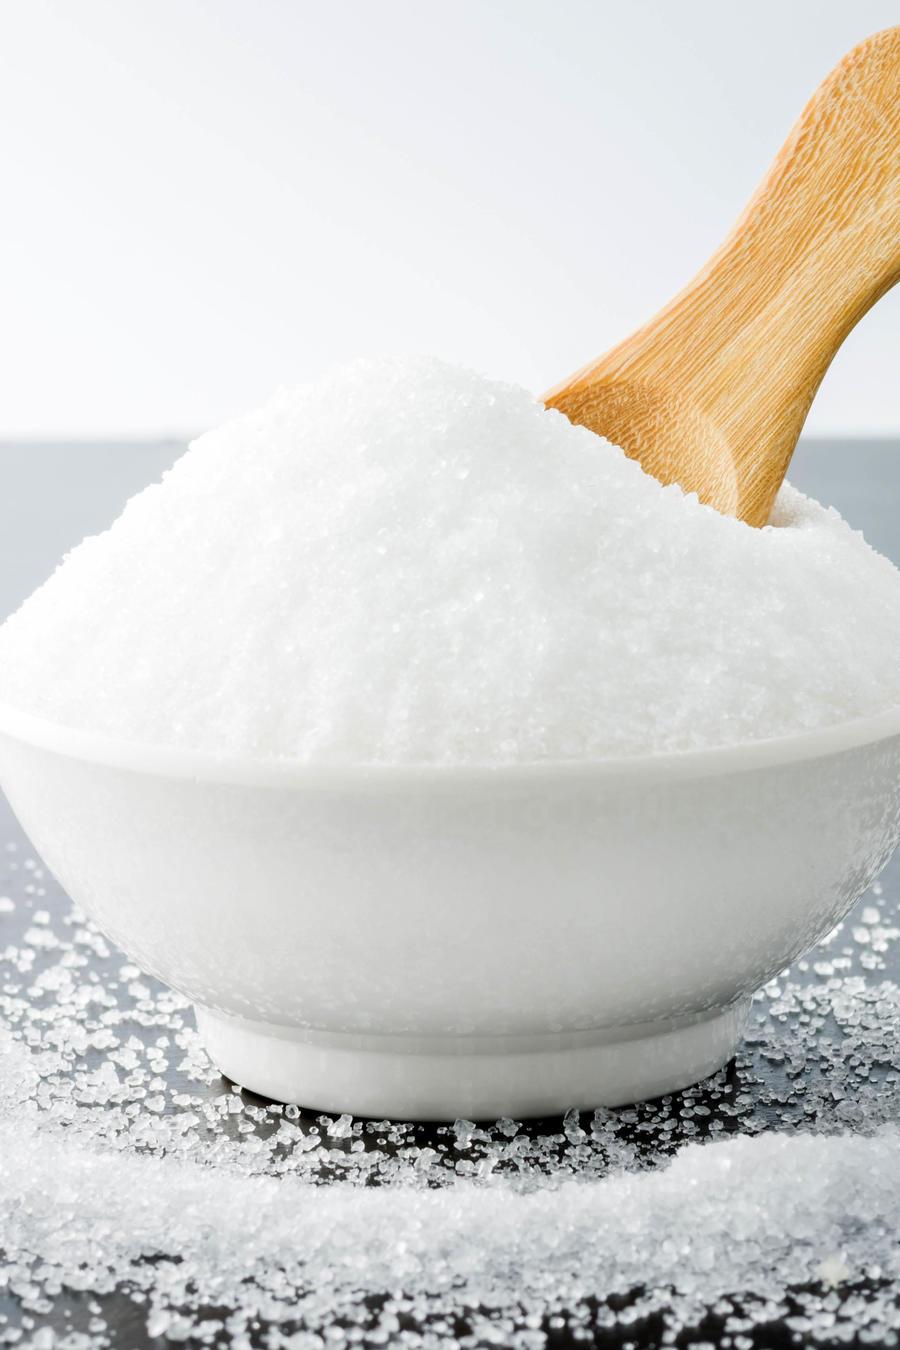 Bowl de azúcar y cuchara de madera